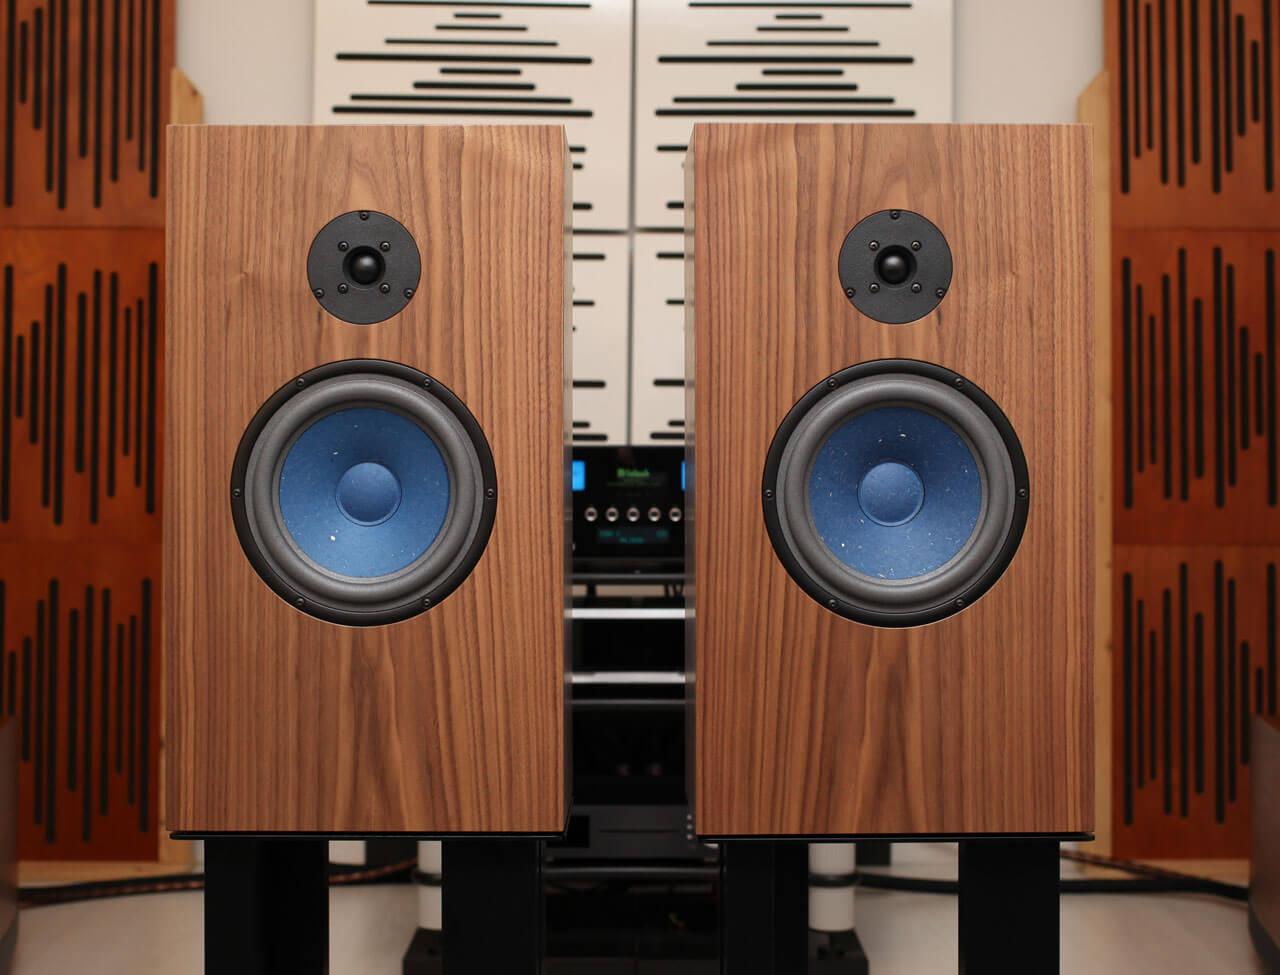 Lautsprecherpaar Audio Note AN-J/LX HEMP